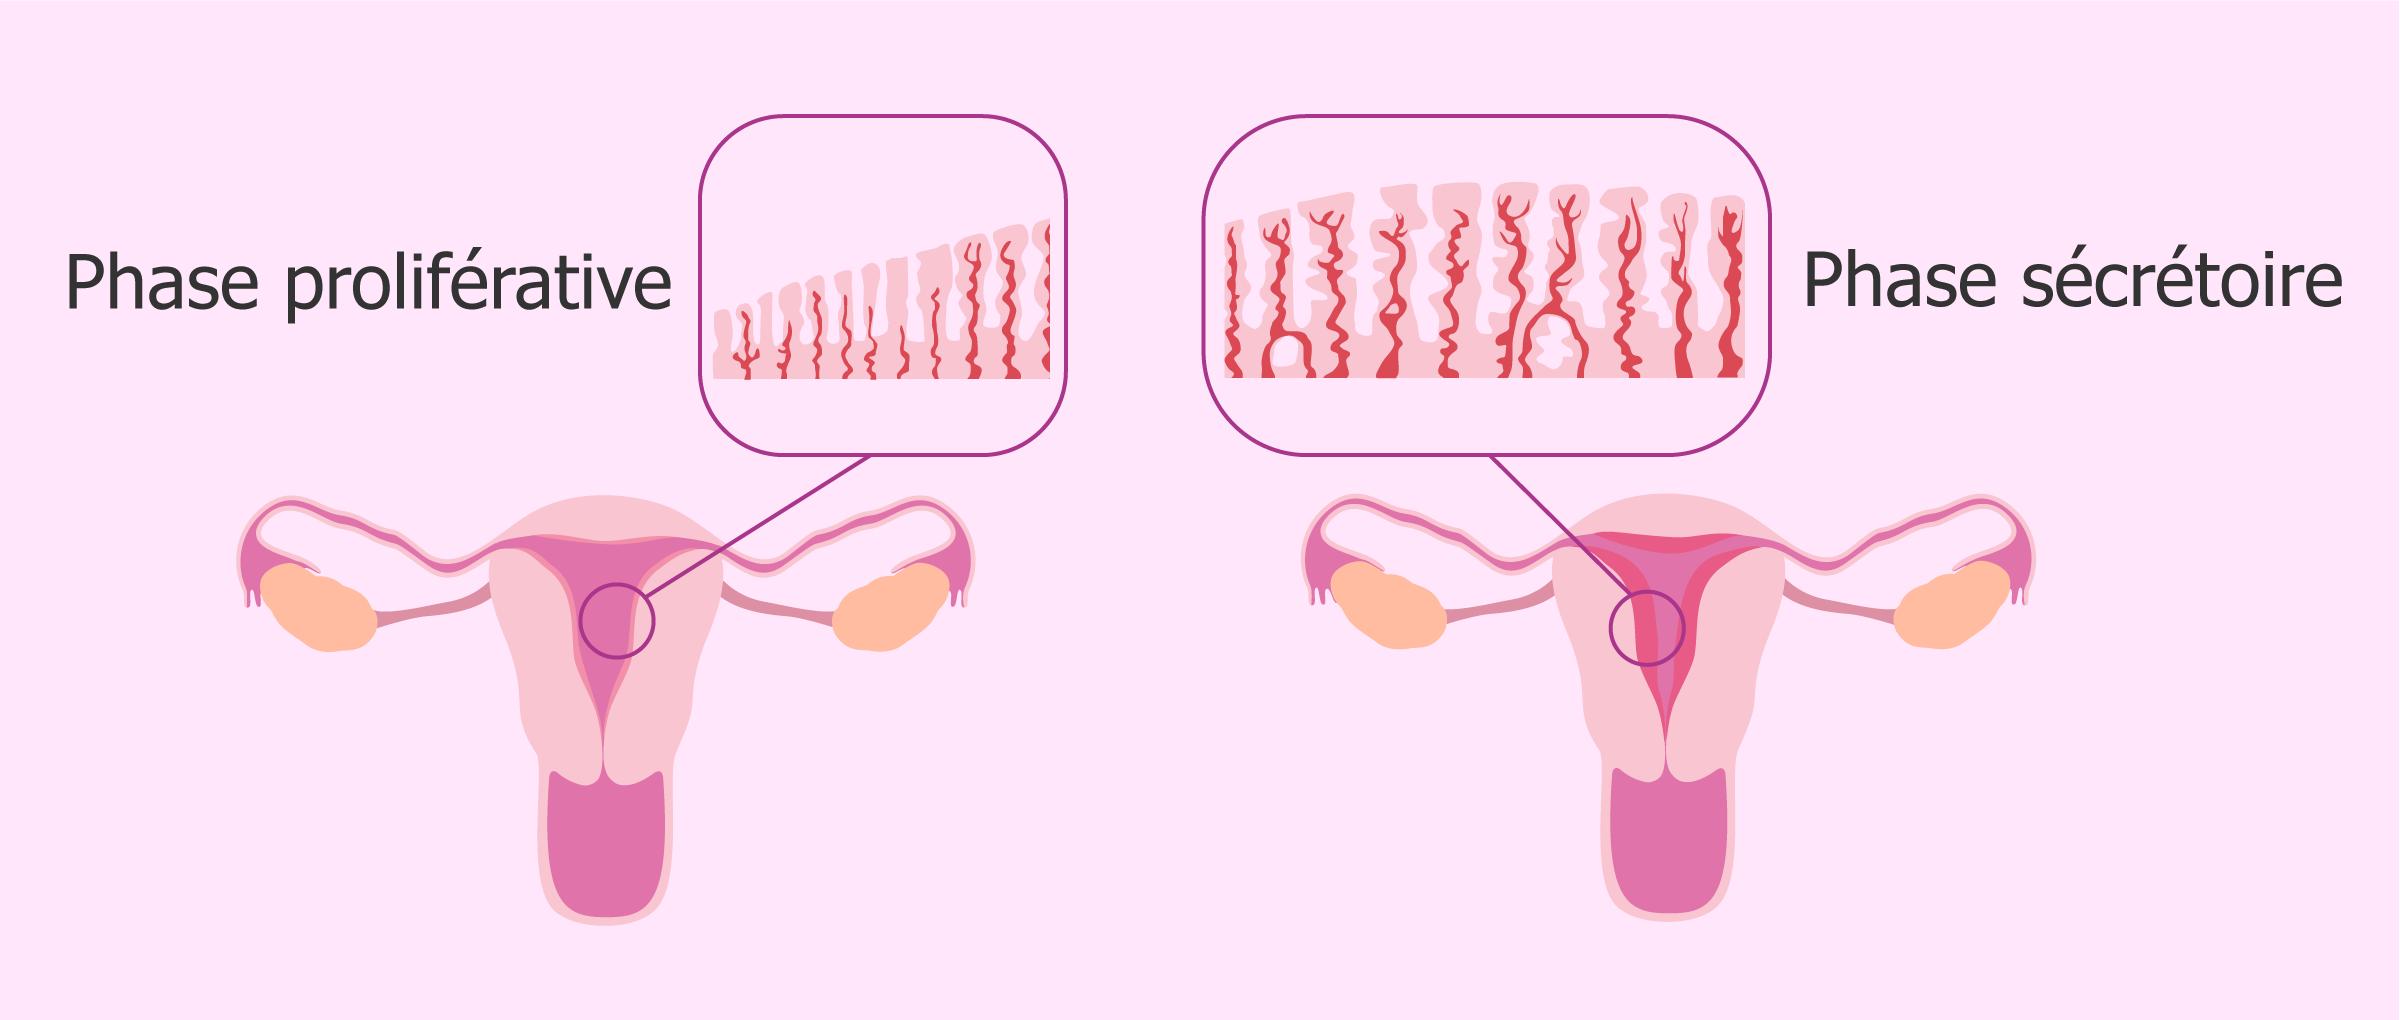 L'endomètre